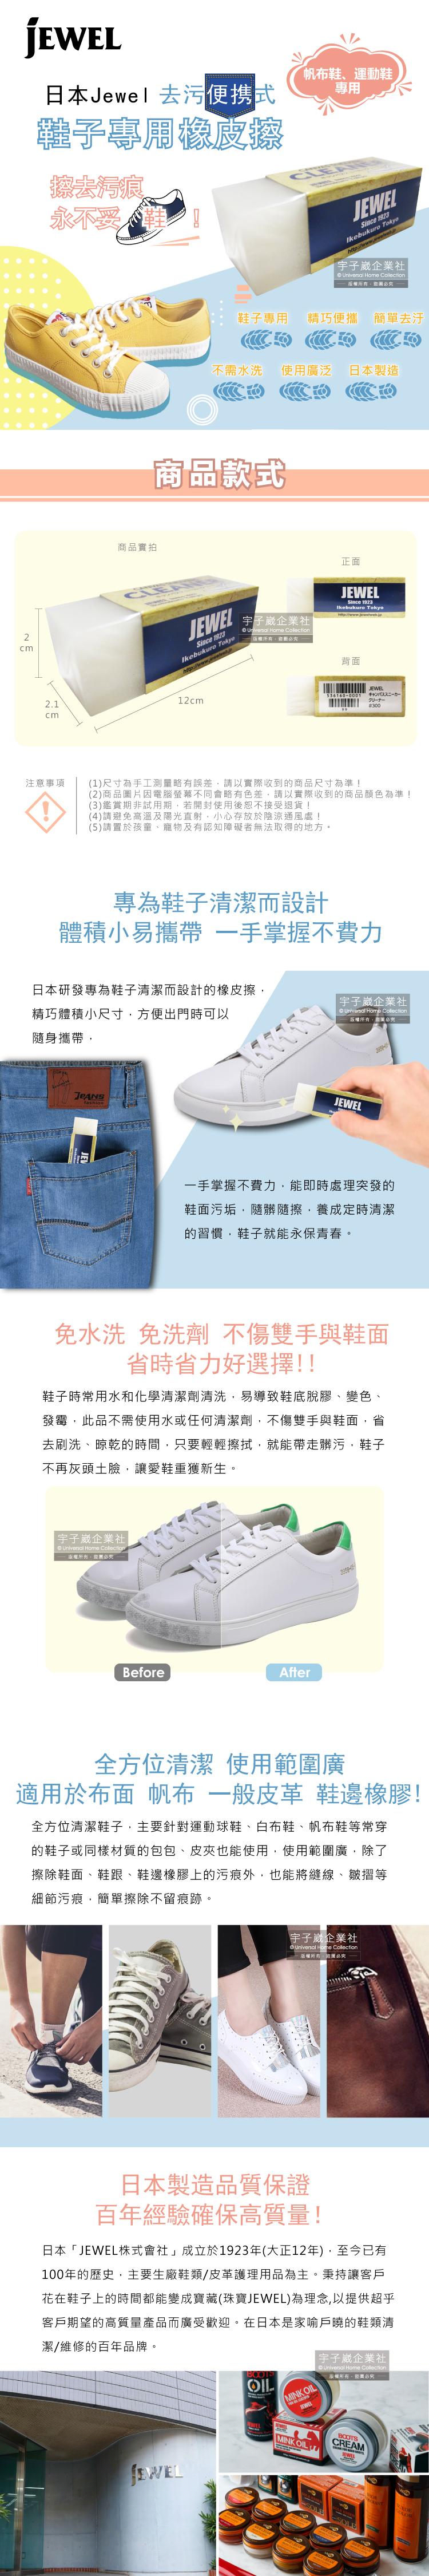 (清潔-鞋子)-日本Jewel-Canvas-Sneakers-Cleaner-鞋子專用橡皮擦(5.9x2x2.1cm)1入介紹圖